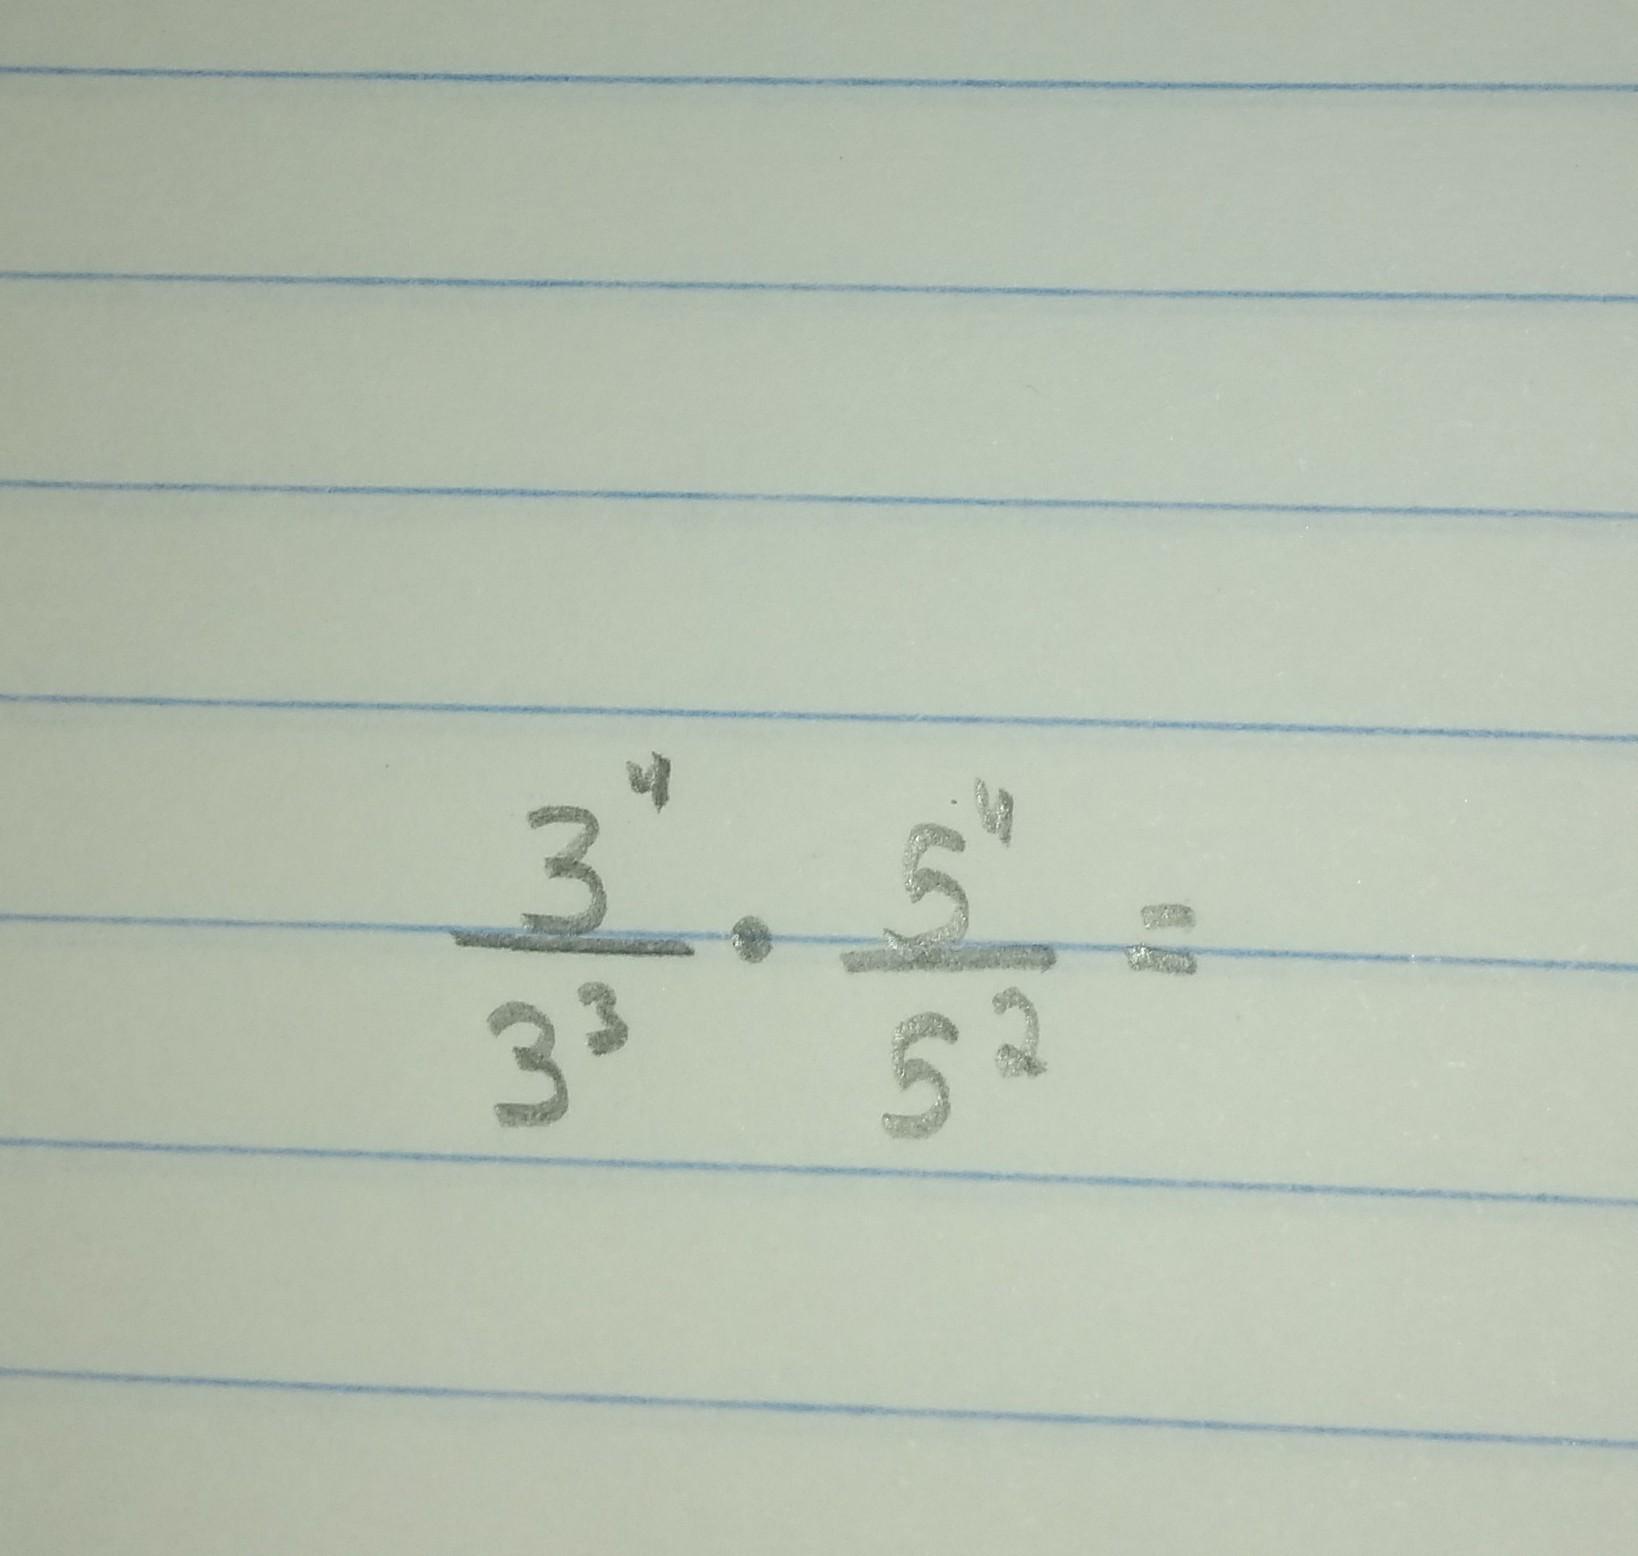 a4f6244fb4dbd Alguém pode me ajudar com esse cálculo  3⁴ 3³ 5⁴ 5² - Brainly.com.br